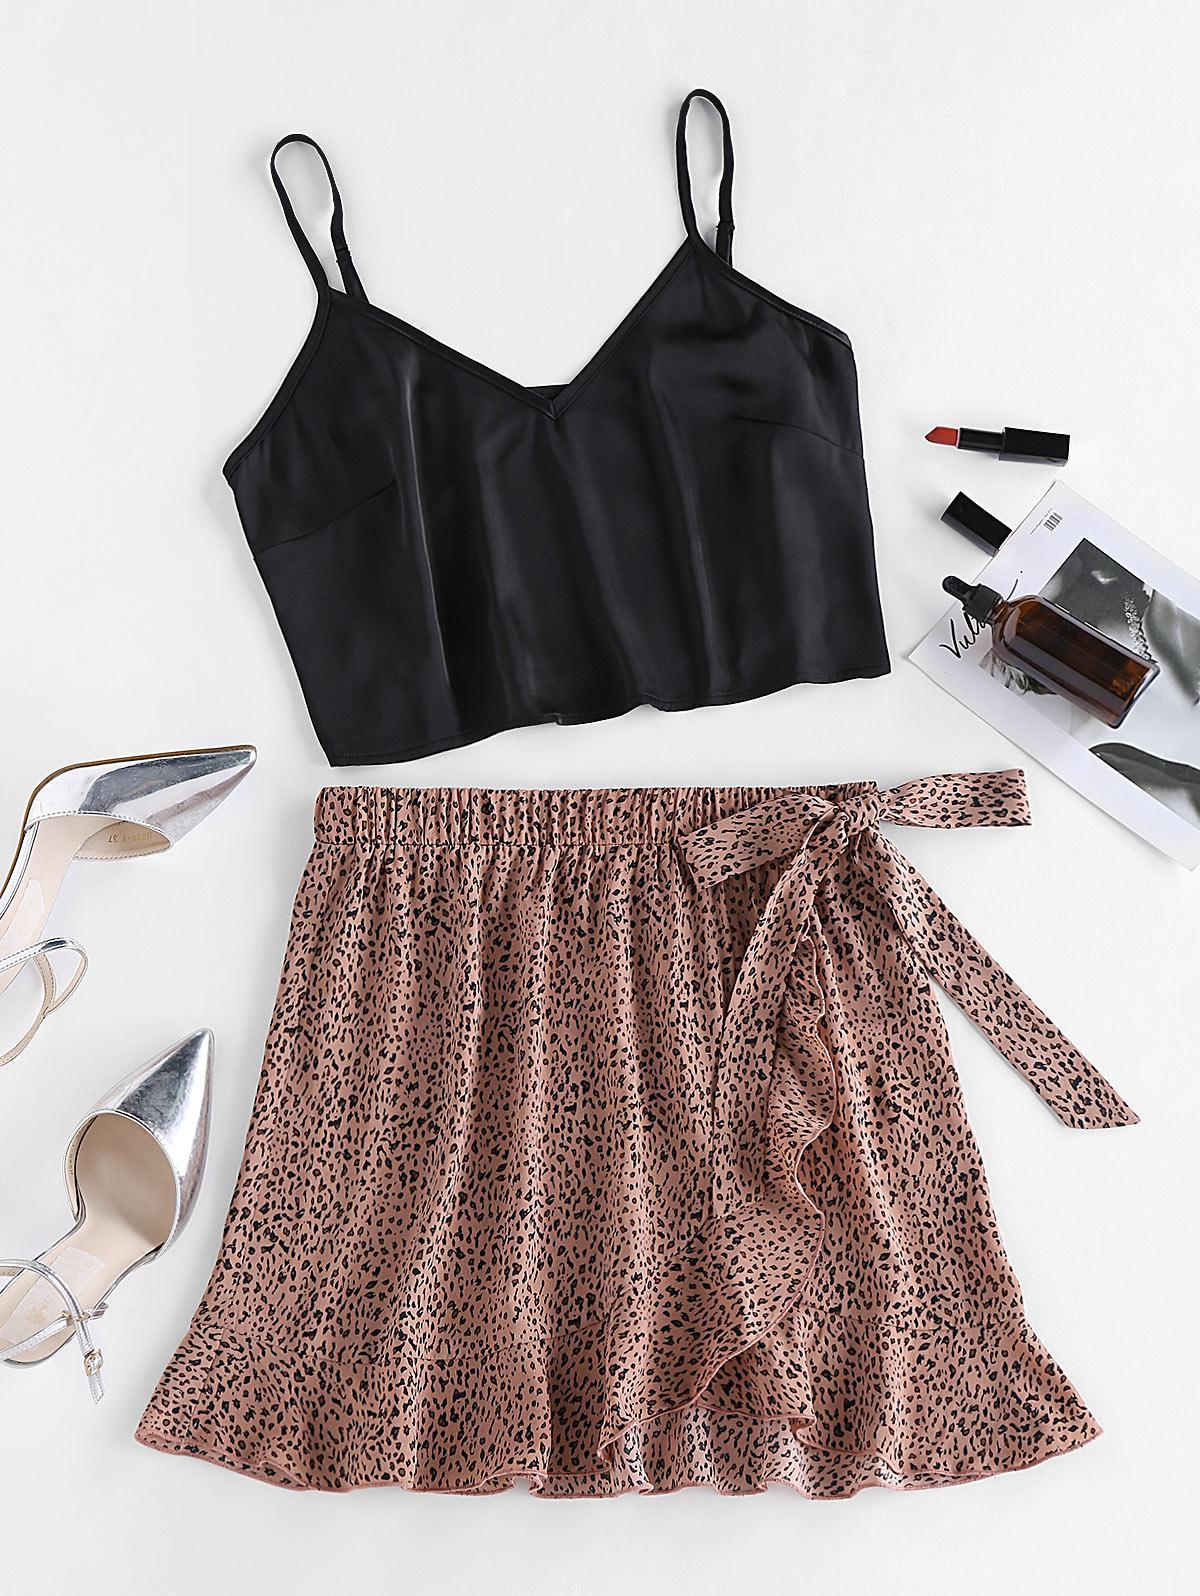 ZAFUL Leopard Ruffle Bowknot Mix and Match Skirt Set